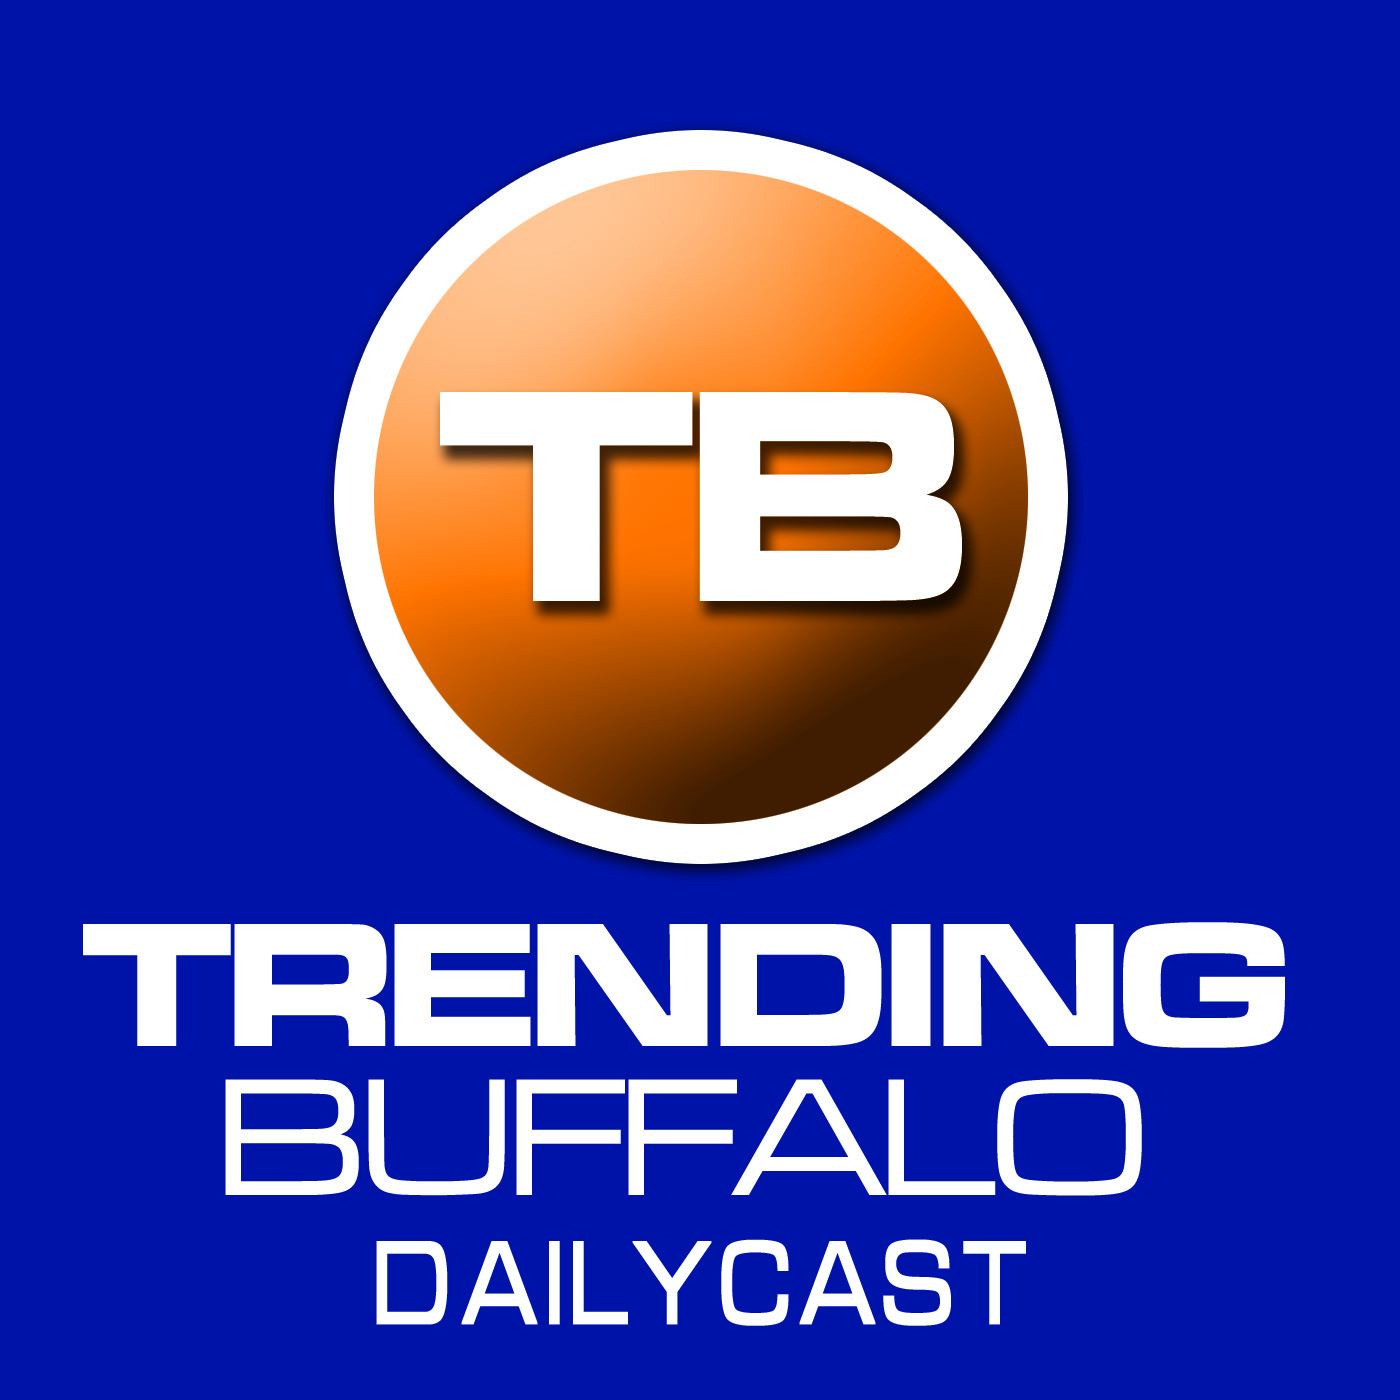 Dailycast logo